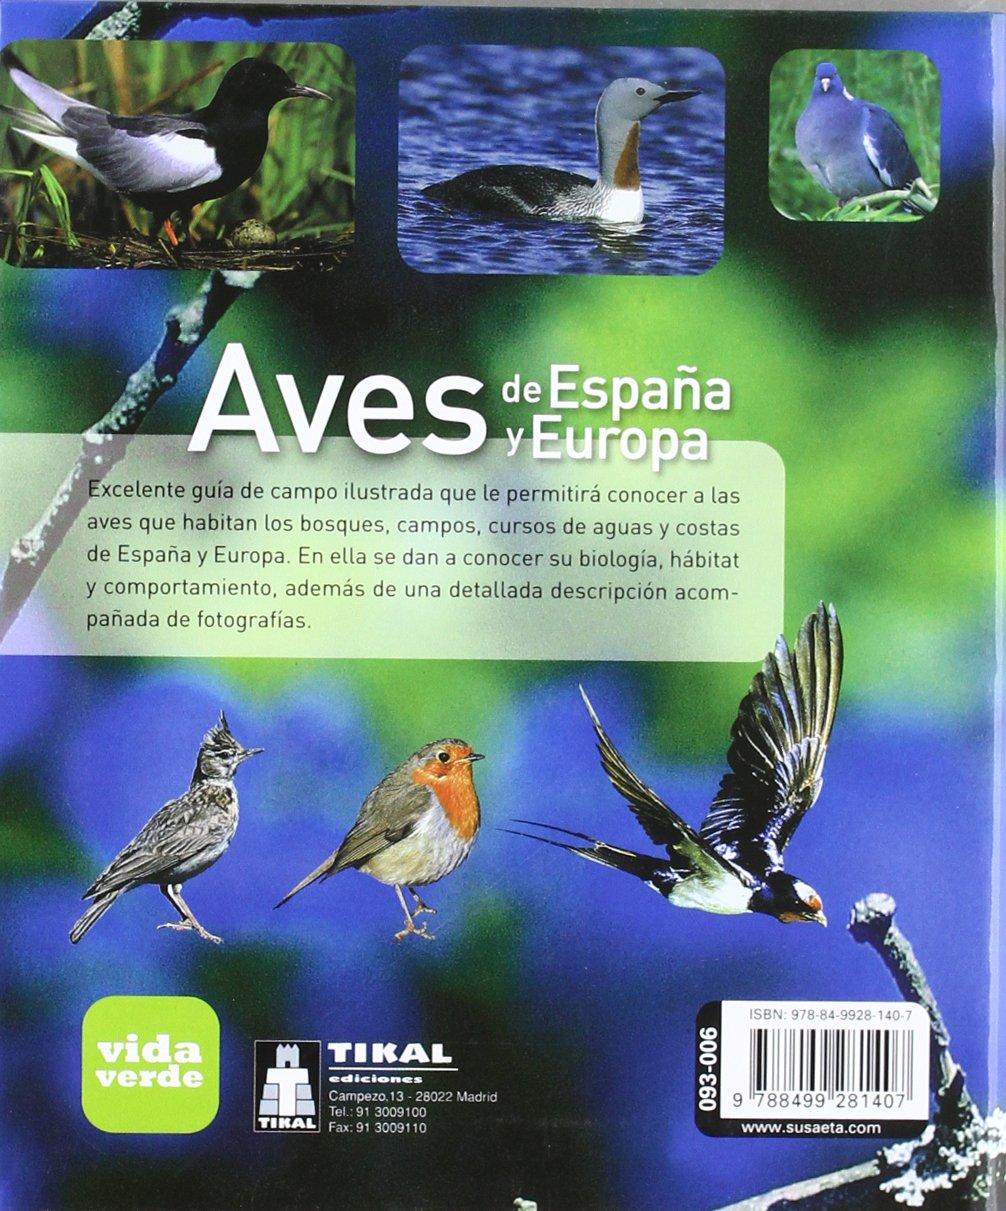 Aves De España y Europa (Vida verde): Amazon.es: Varios Autores ...